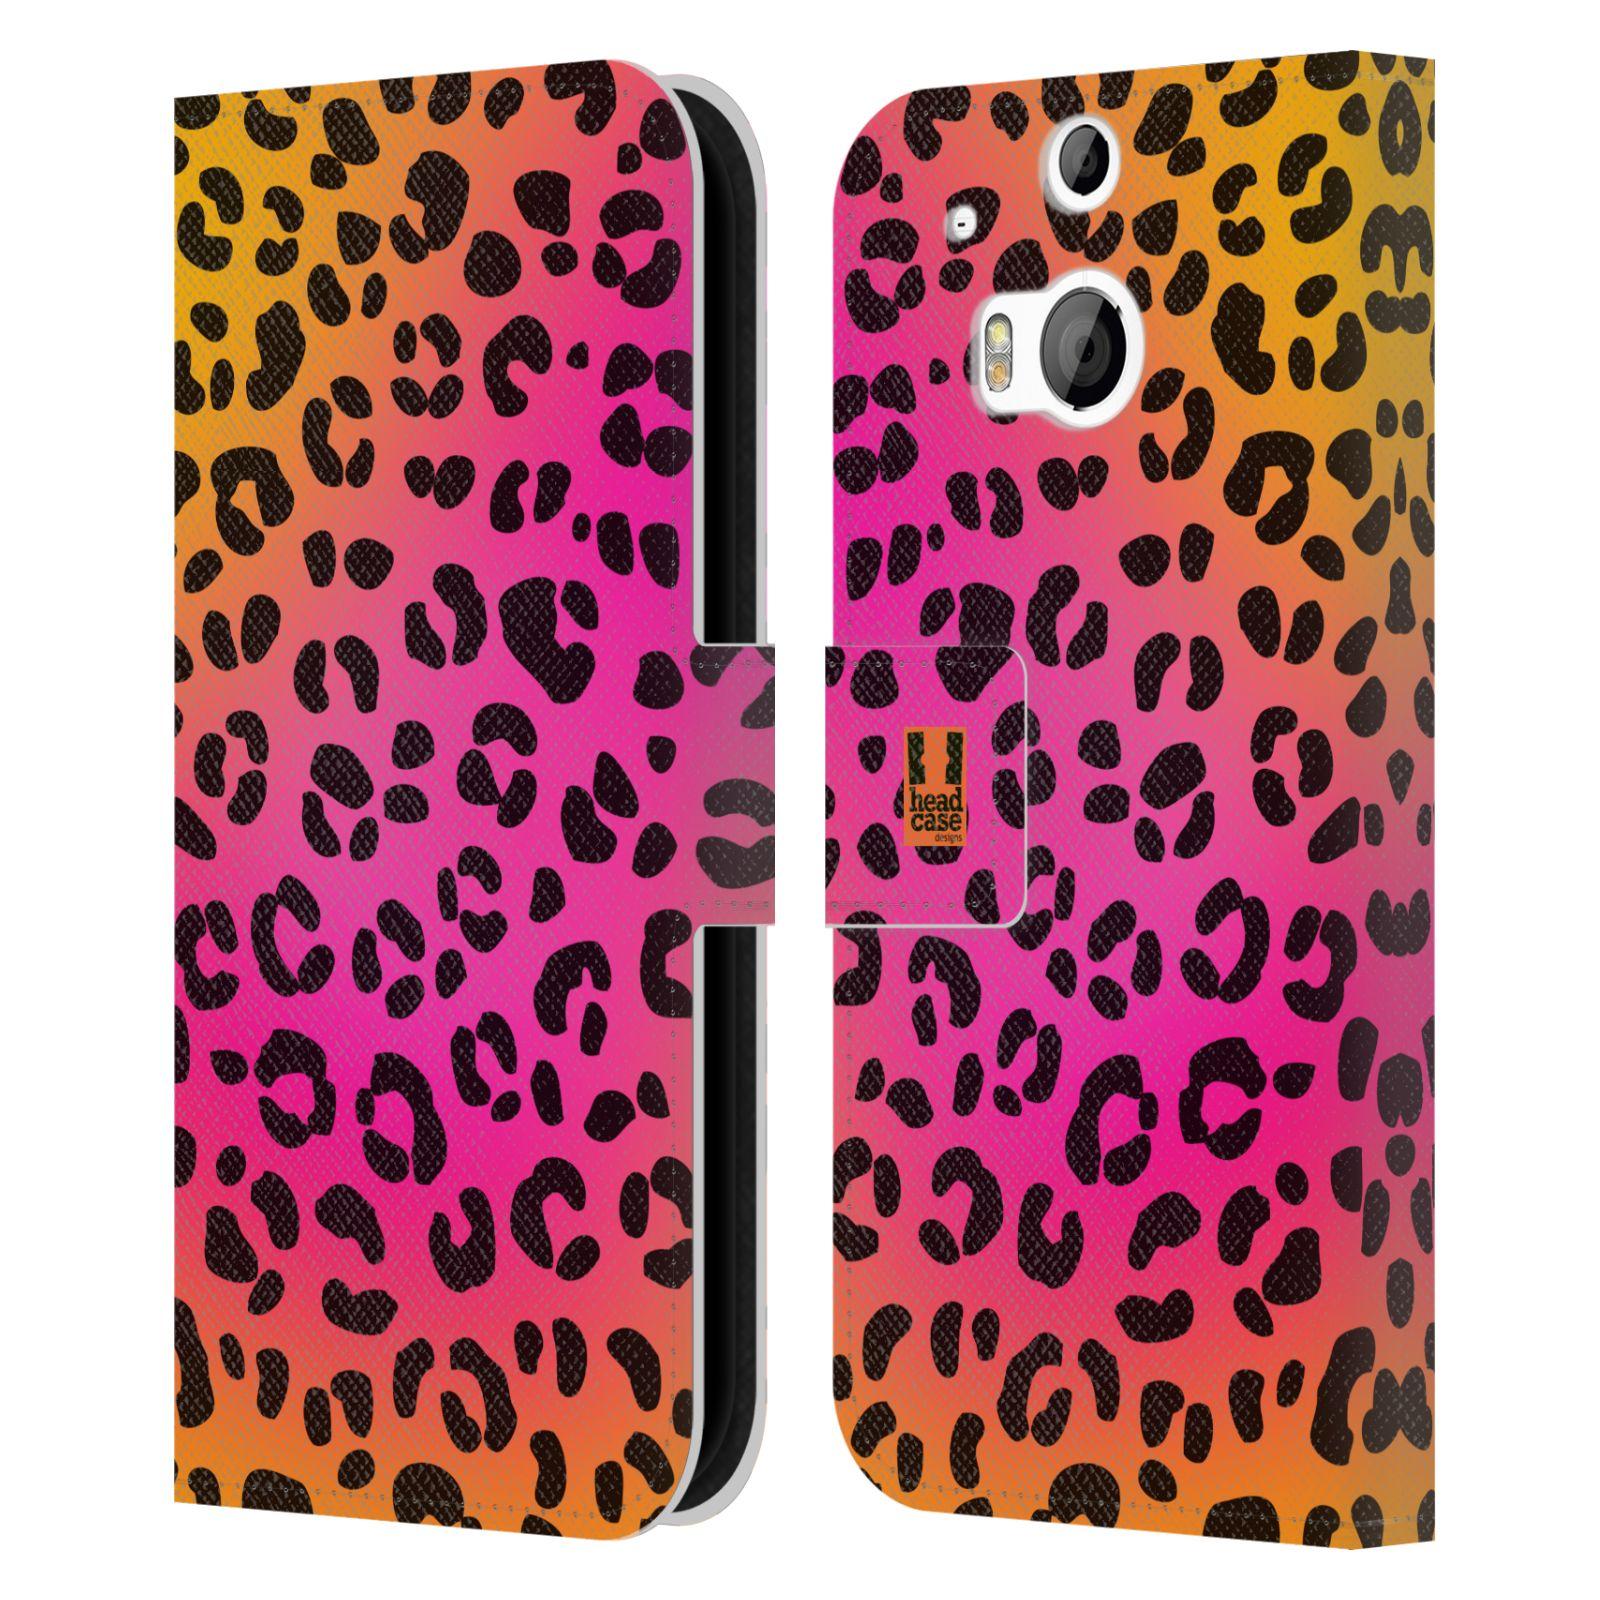 HEAD CASE Flipové pouzdro pro mobil HTC ONE (M8, M8s) Zvířecí barevné vzory růžový leopard